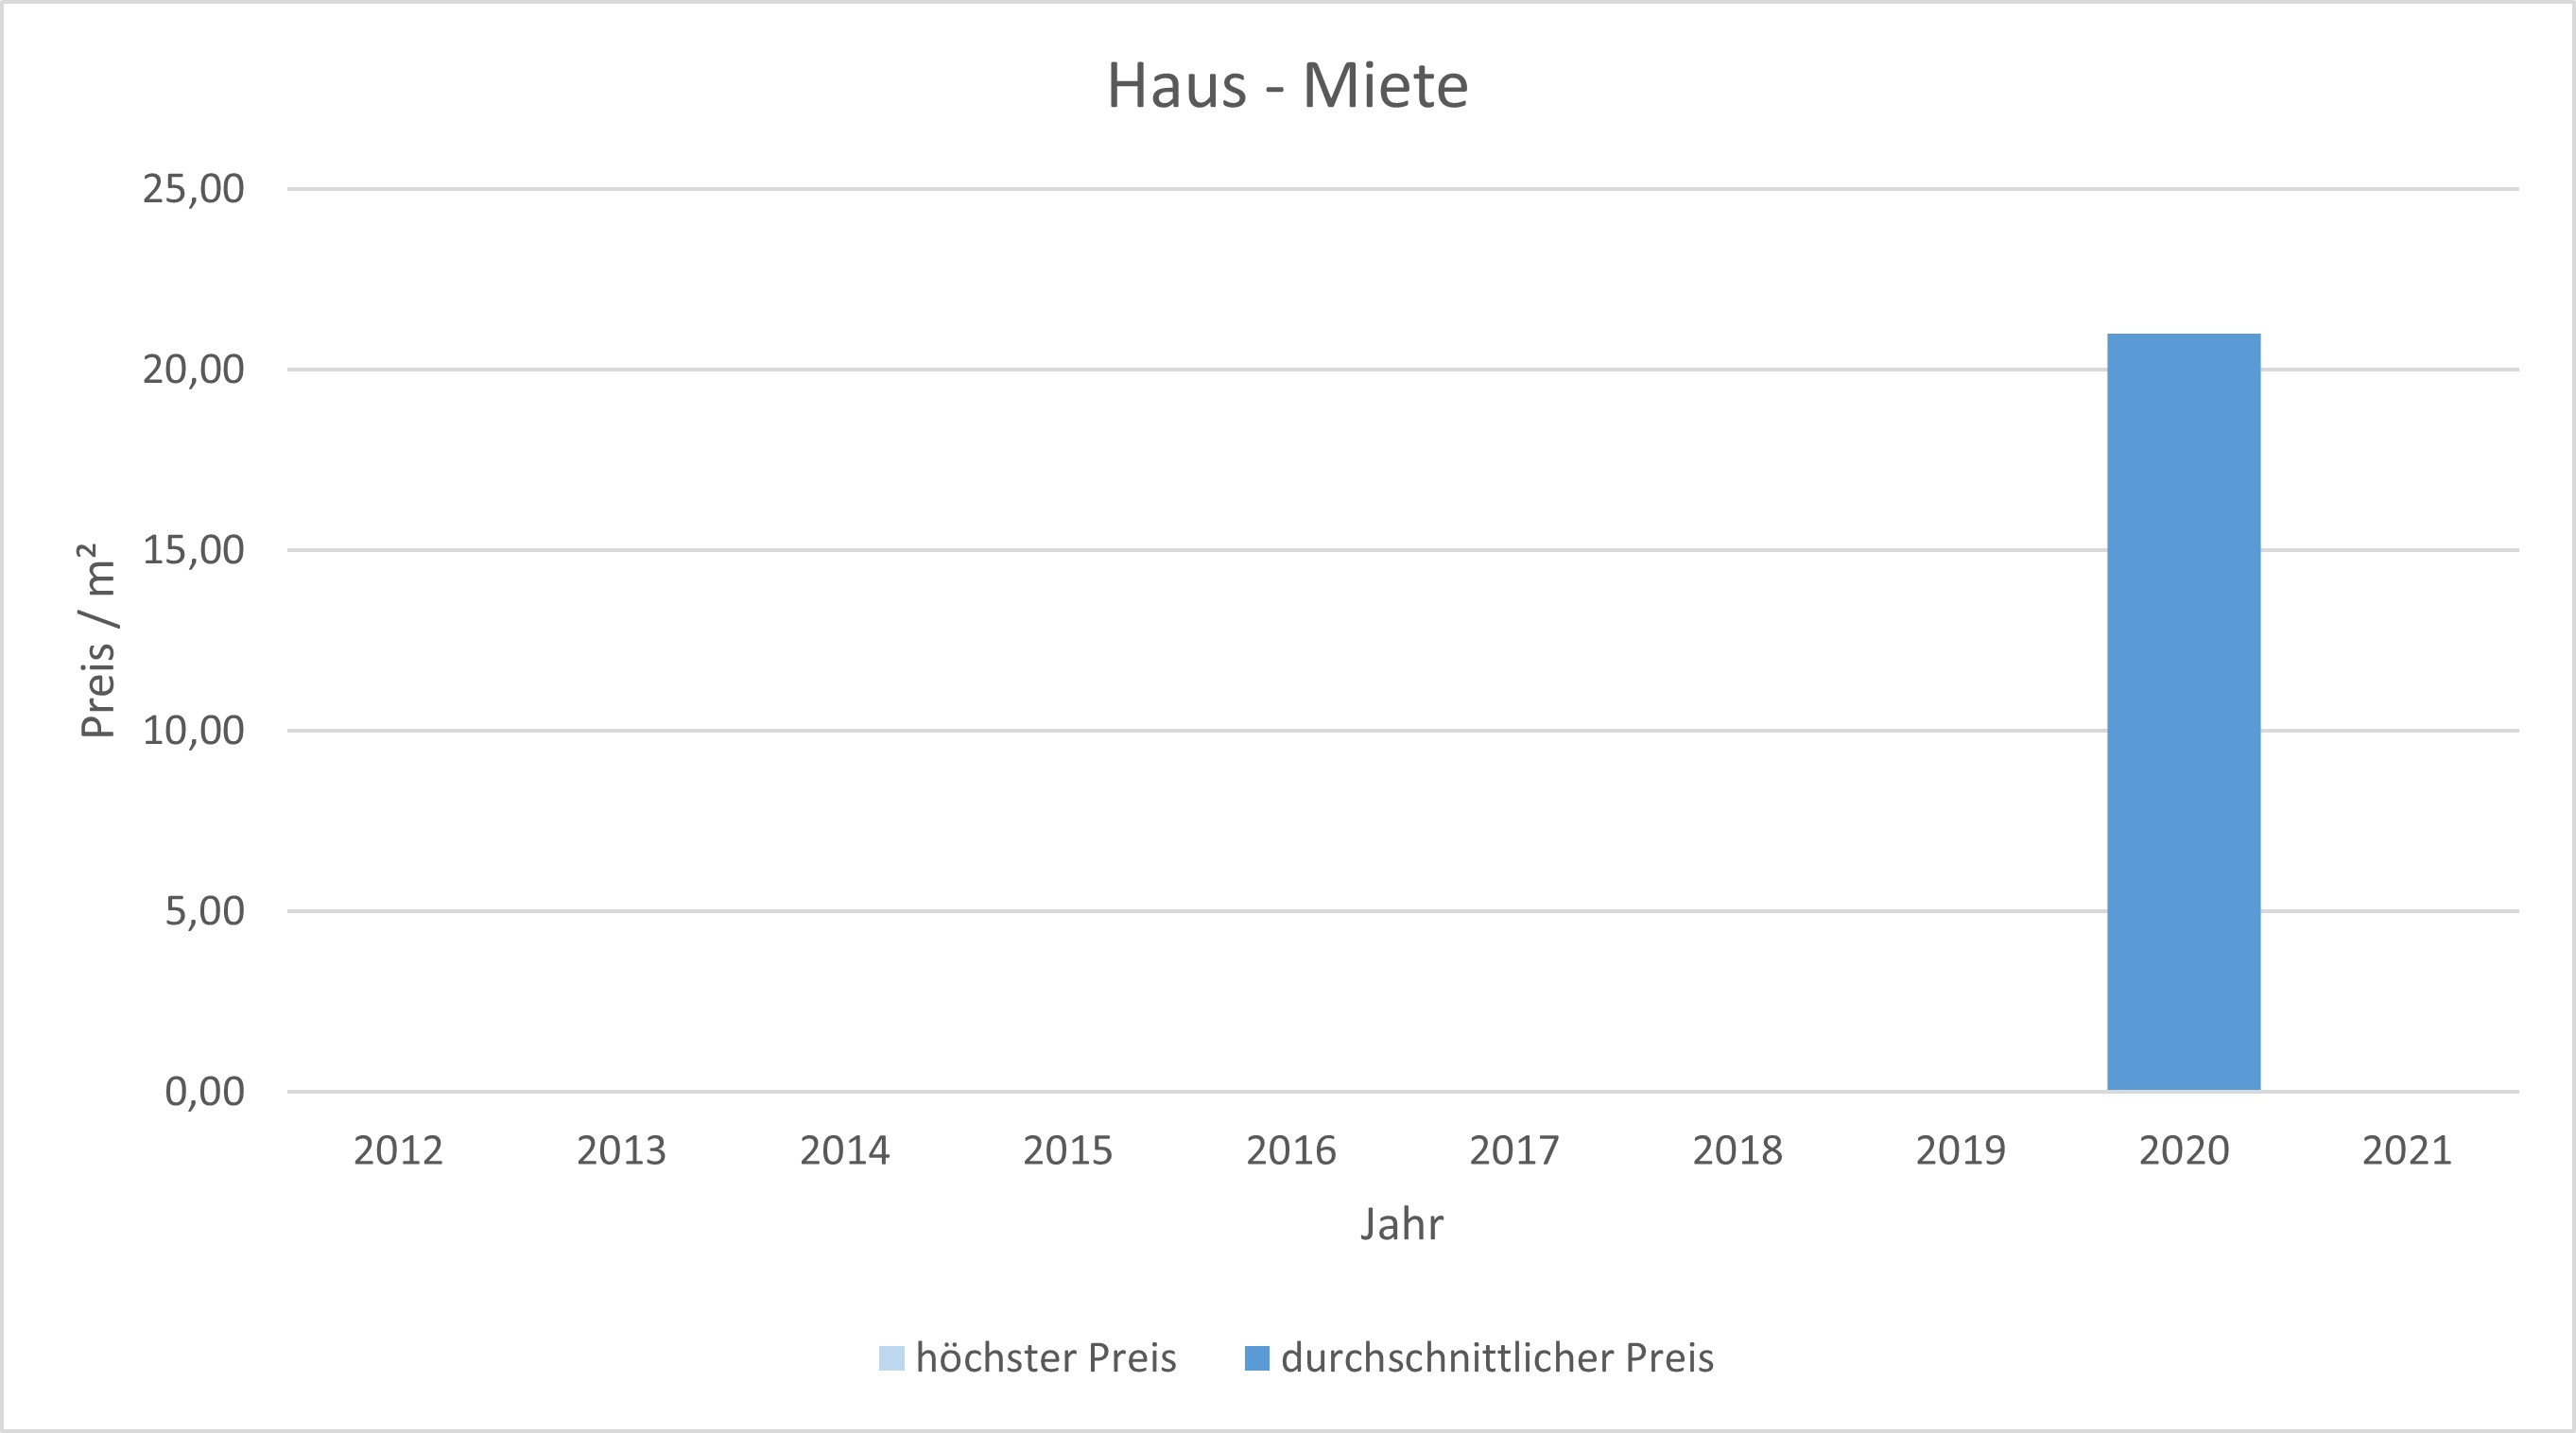 München - Neuperlach Wohnung mieten vermieten Preis Bewertung Makler 2019 2020 2021 www.happy-immo.de